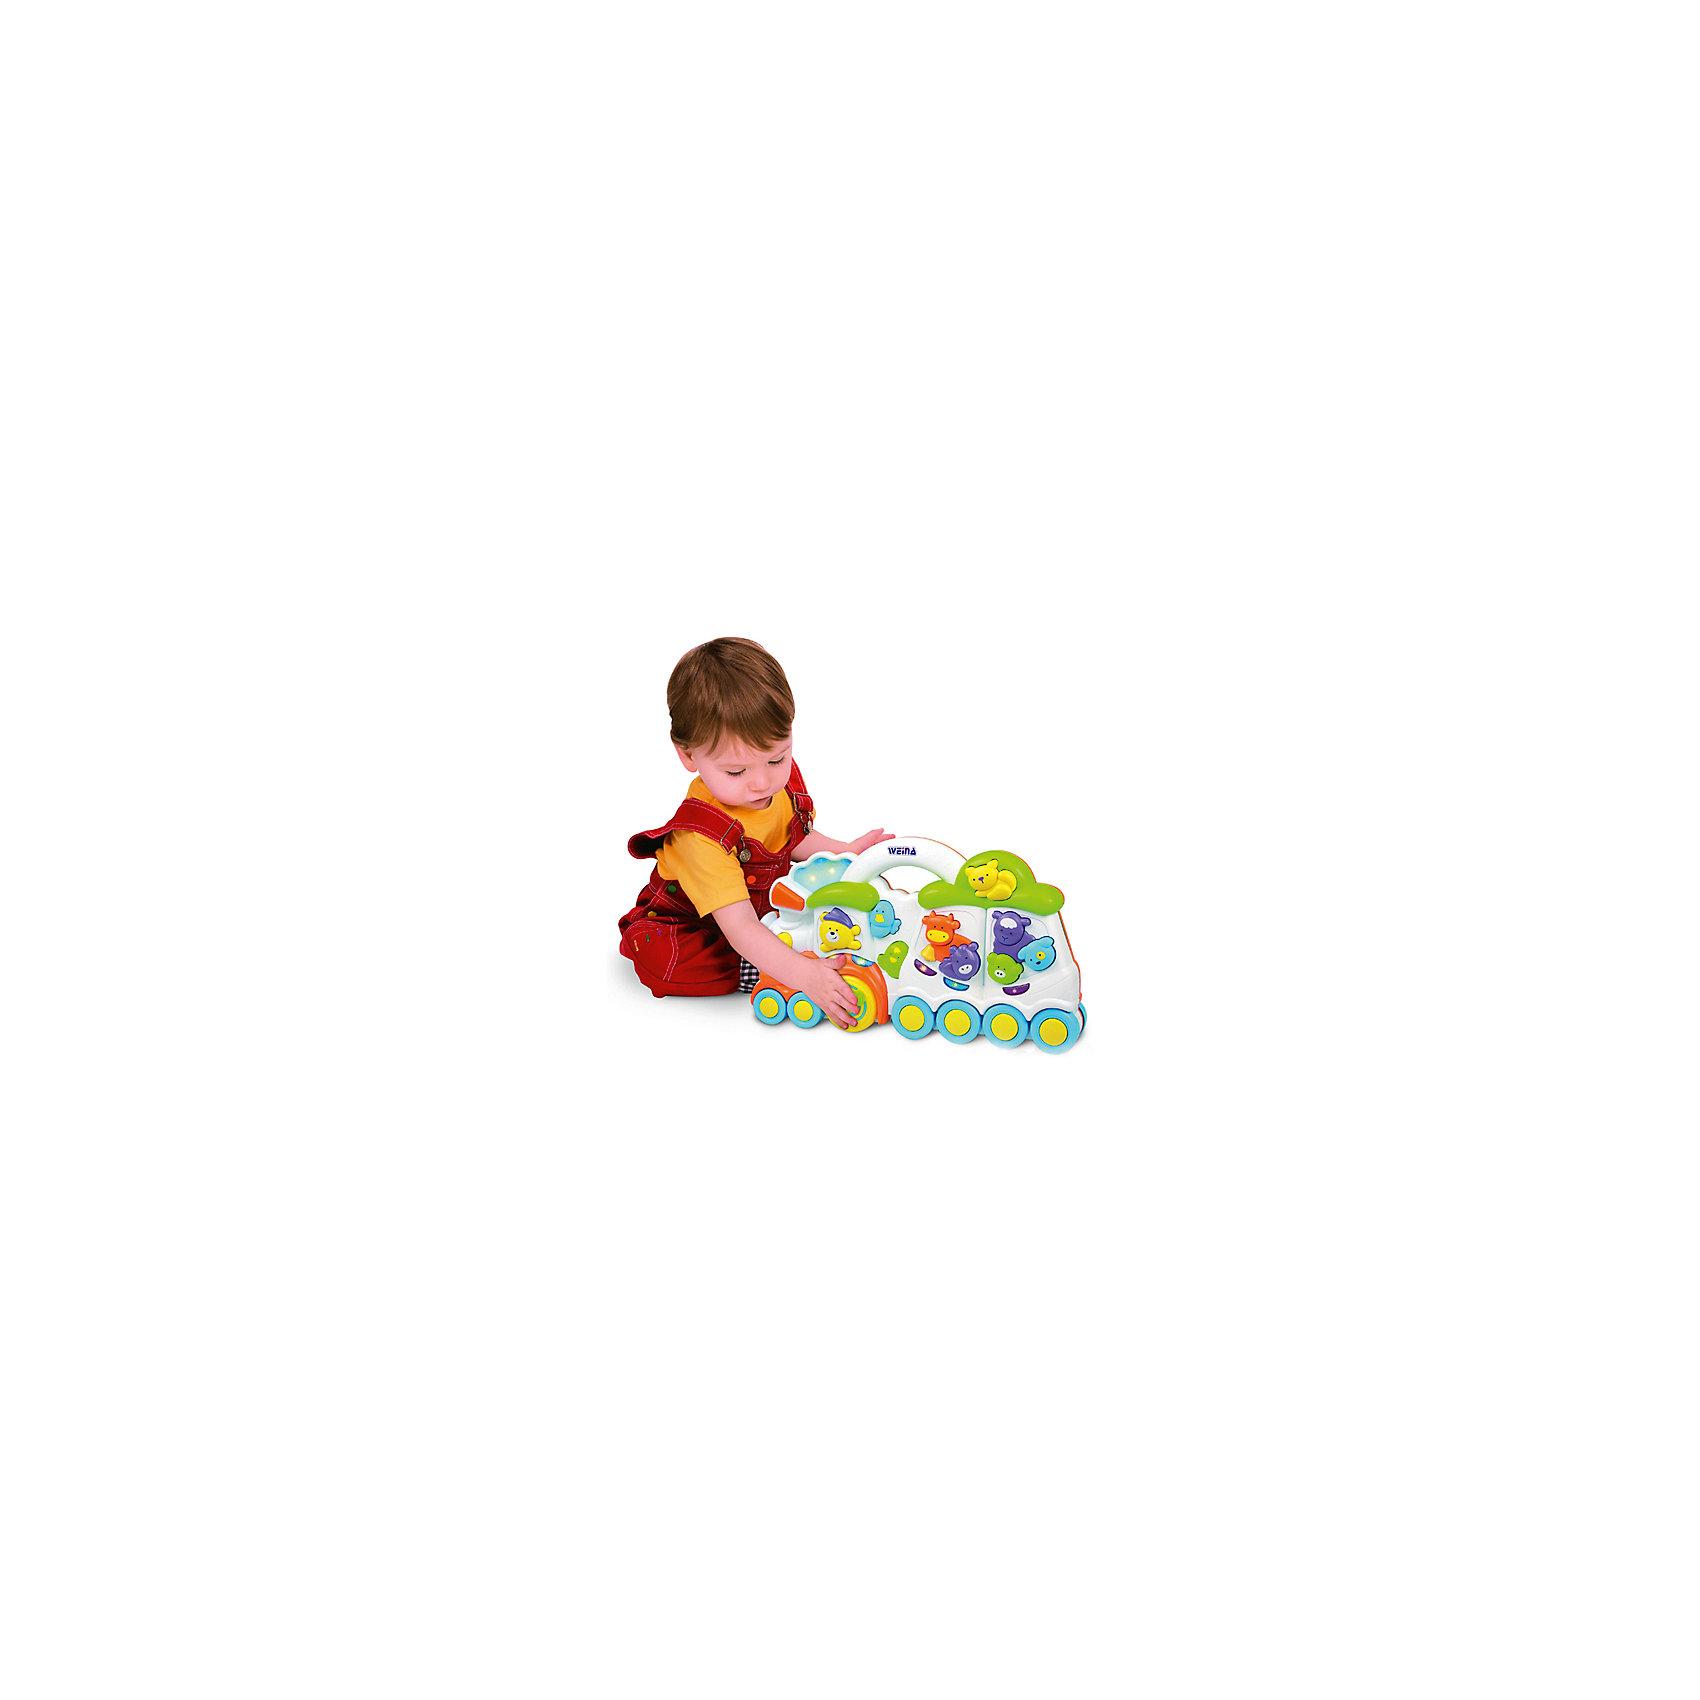 Паровозик Медвежонок и его друзья, WeinaИгрушки для малышей<br>Паровозик  Медвежонок и его друзья подарит малышам множество улыбок и хорошее настроение. Скорее садись в поезд с мишкой и его друзьями и отправляйся  в веселое музыкальное путешествие. Нажимай на животных и кнопки, чтобы услышать забавные звуки и мелодии! <br><br>Дополнительная информация:<br><br>- Материал: пластик.<br>- Размер: 50х45х33 см.<br>- Звуки: колокол, труба, поезд, животные, мелодии.<br>- Ручка для толкания.<br>- Элемент питания: 2 батарейки  AA1,5 В (в комплекте).<br><br>Паровозик Медвежонок и его друзья, Weina можно купить в нашем магазине.<br><br>Ширина мм: 610<br>Глубина мм: 450<br>Высота мм: 330<br>Вес г: 2900<br>Возраст от месяцев: 12<br>Возраст до месяцев: 36<br>Пол: Мужской<br>Возраст: Детский<br>SKU: 4125052